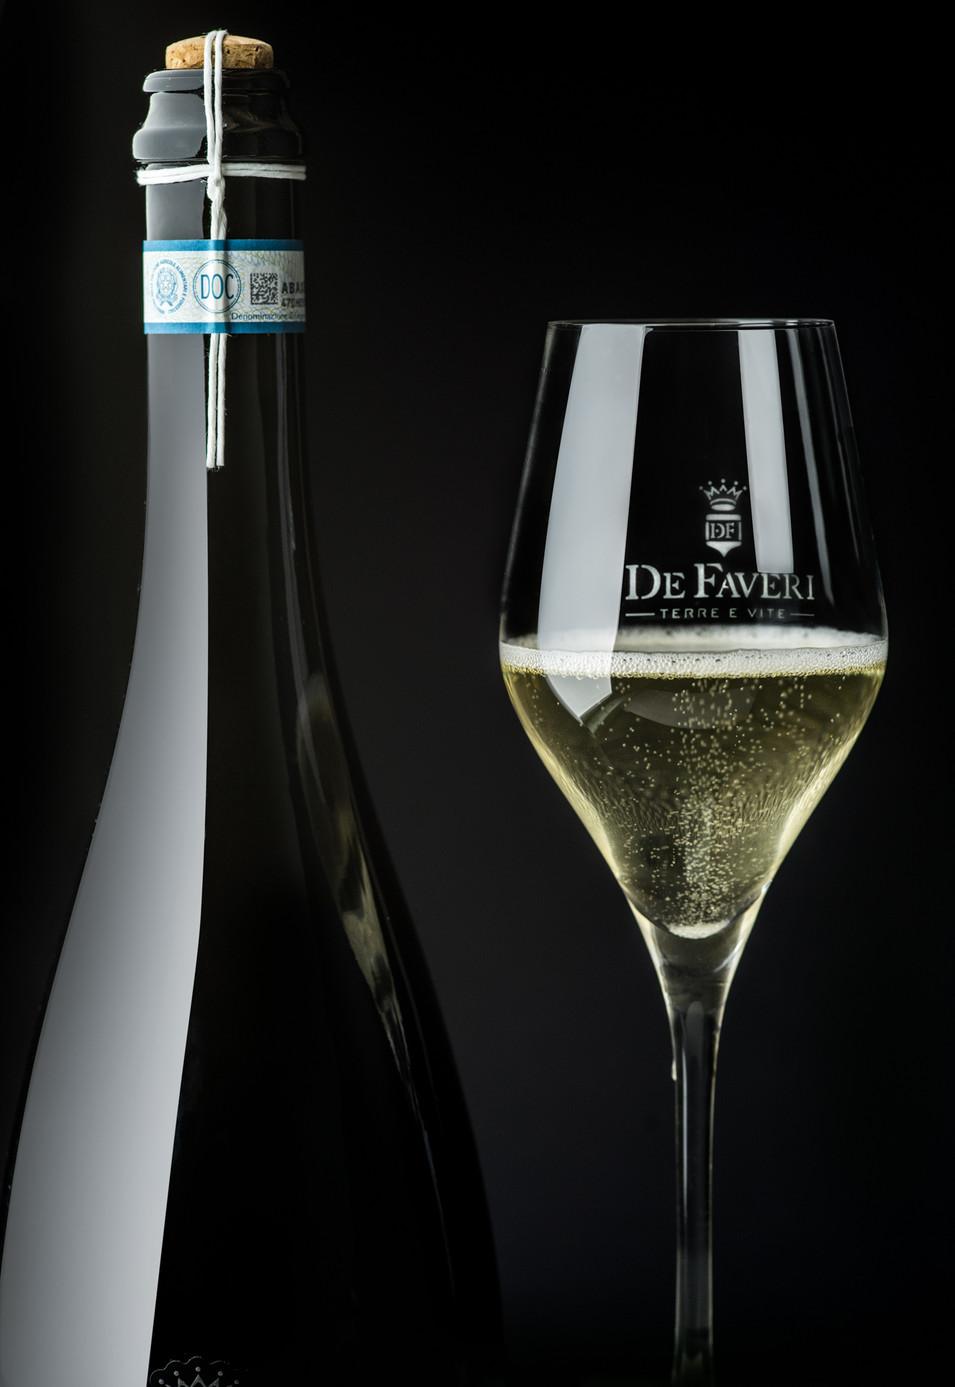 Prosecco bottiglia bicchiere foto still life studio Valdobbiadene Fotografo Vidor